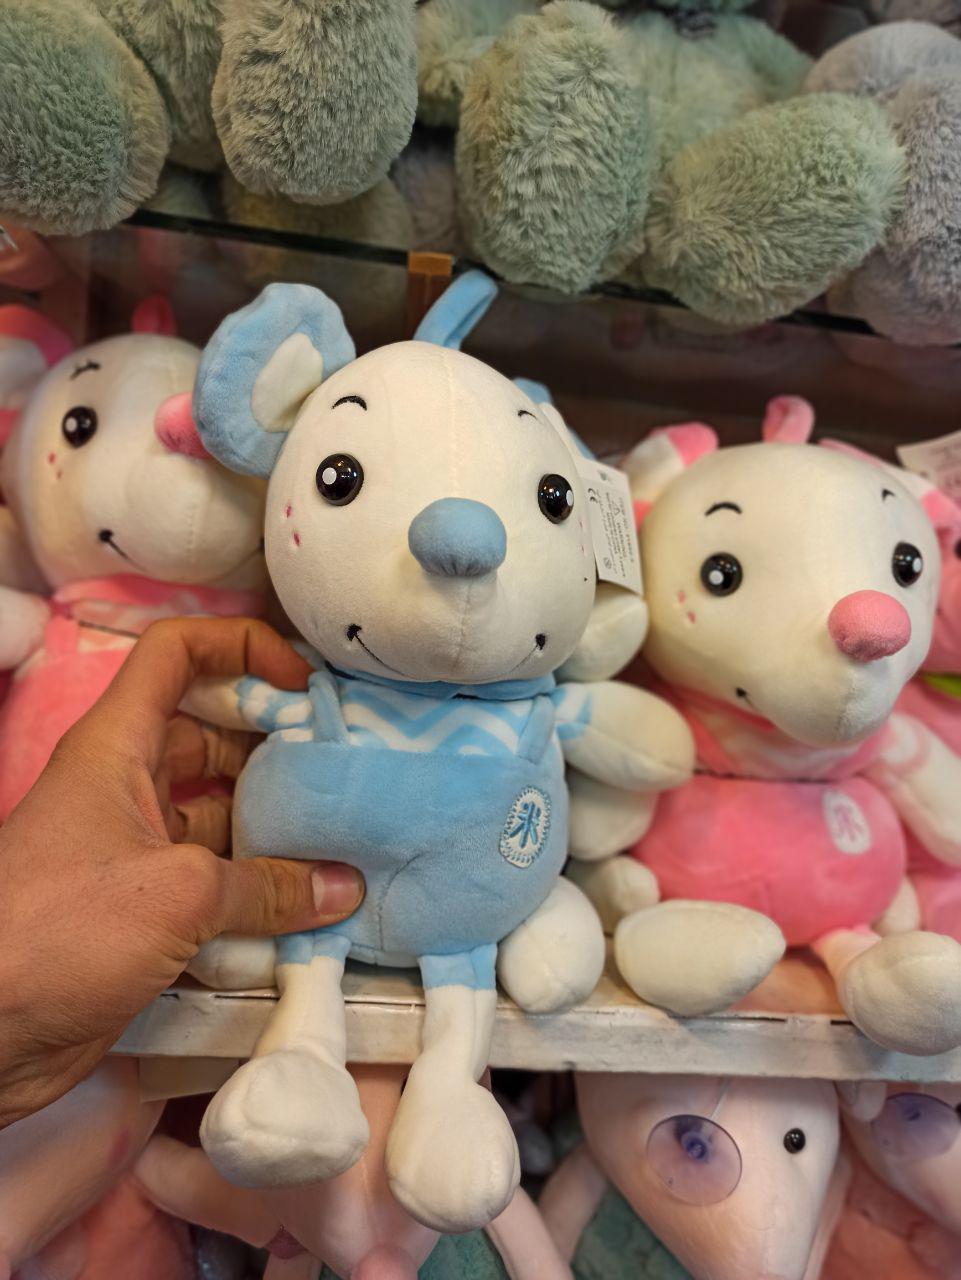 پخش عمده اسباب بازی های جذاب عروسک آویزانی زیبا